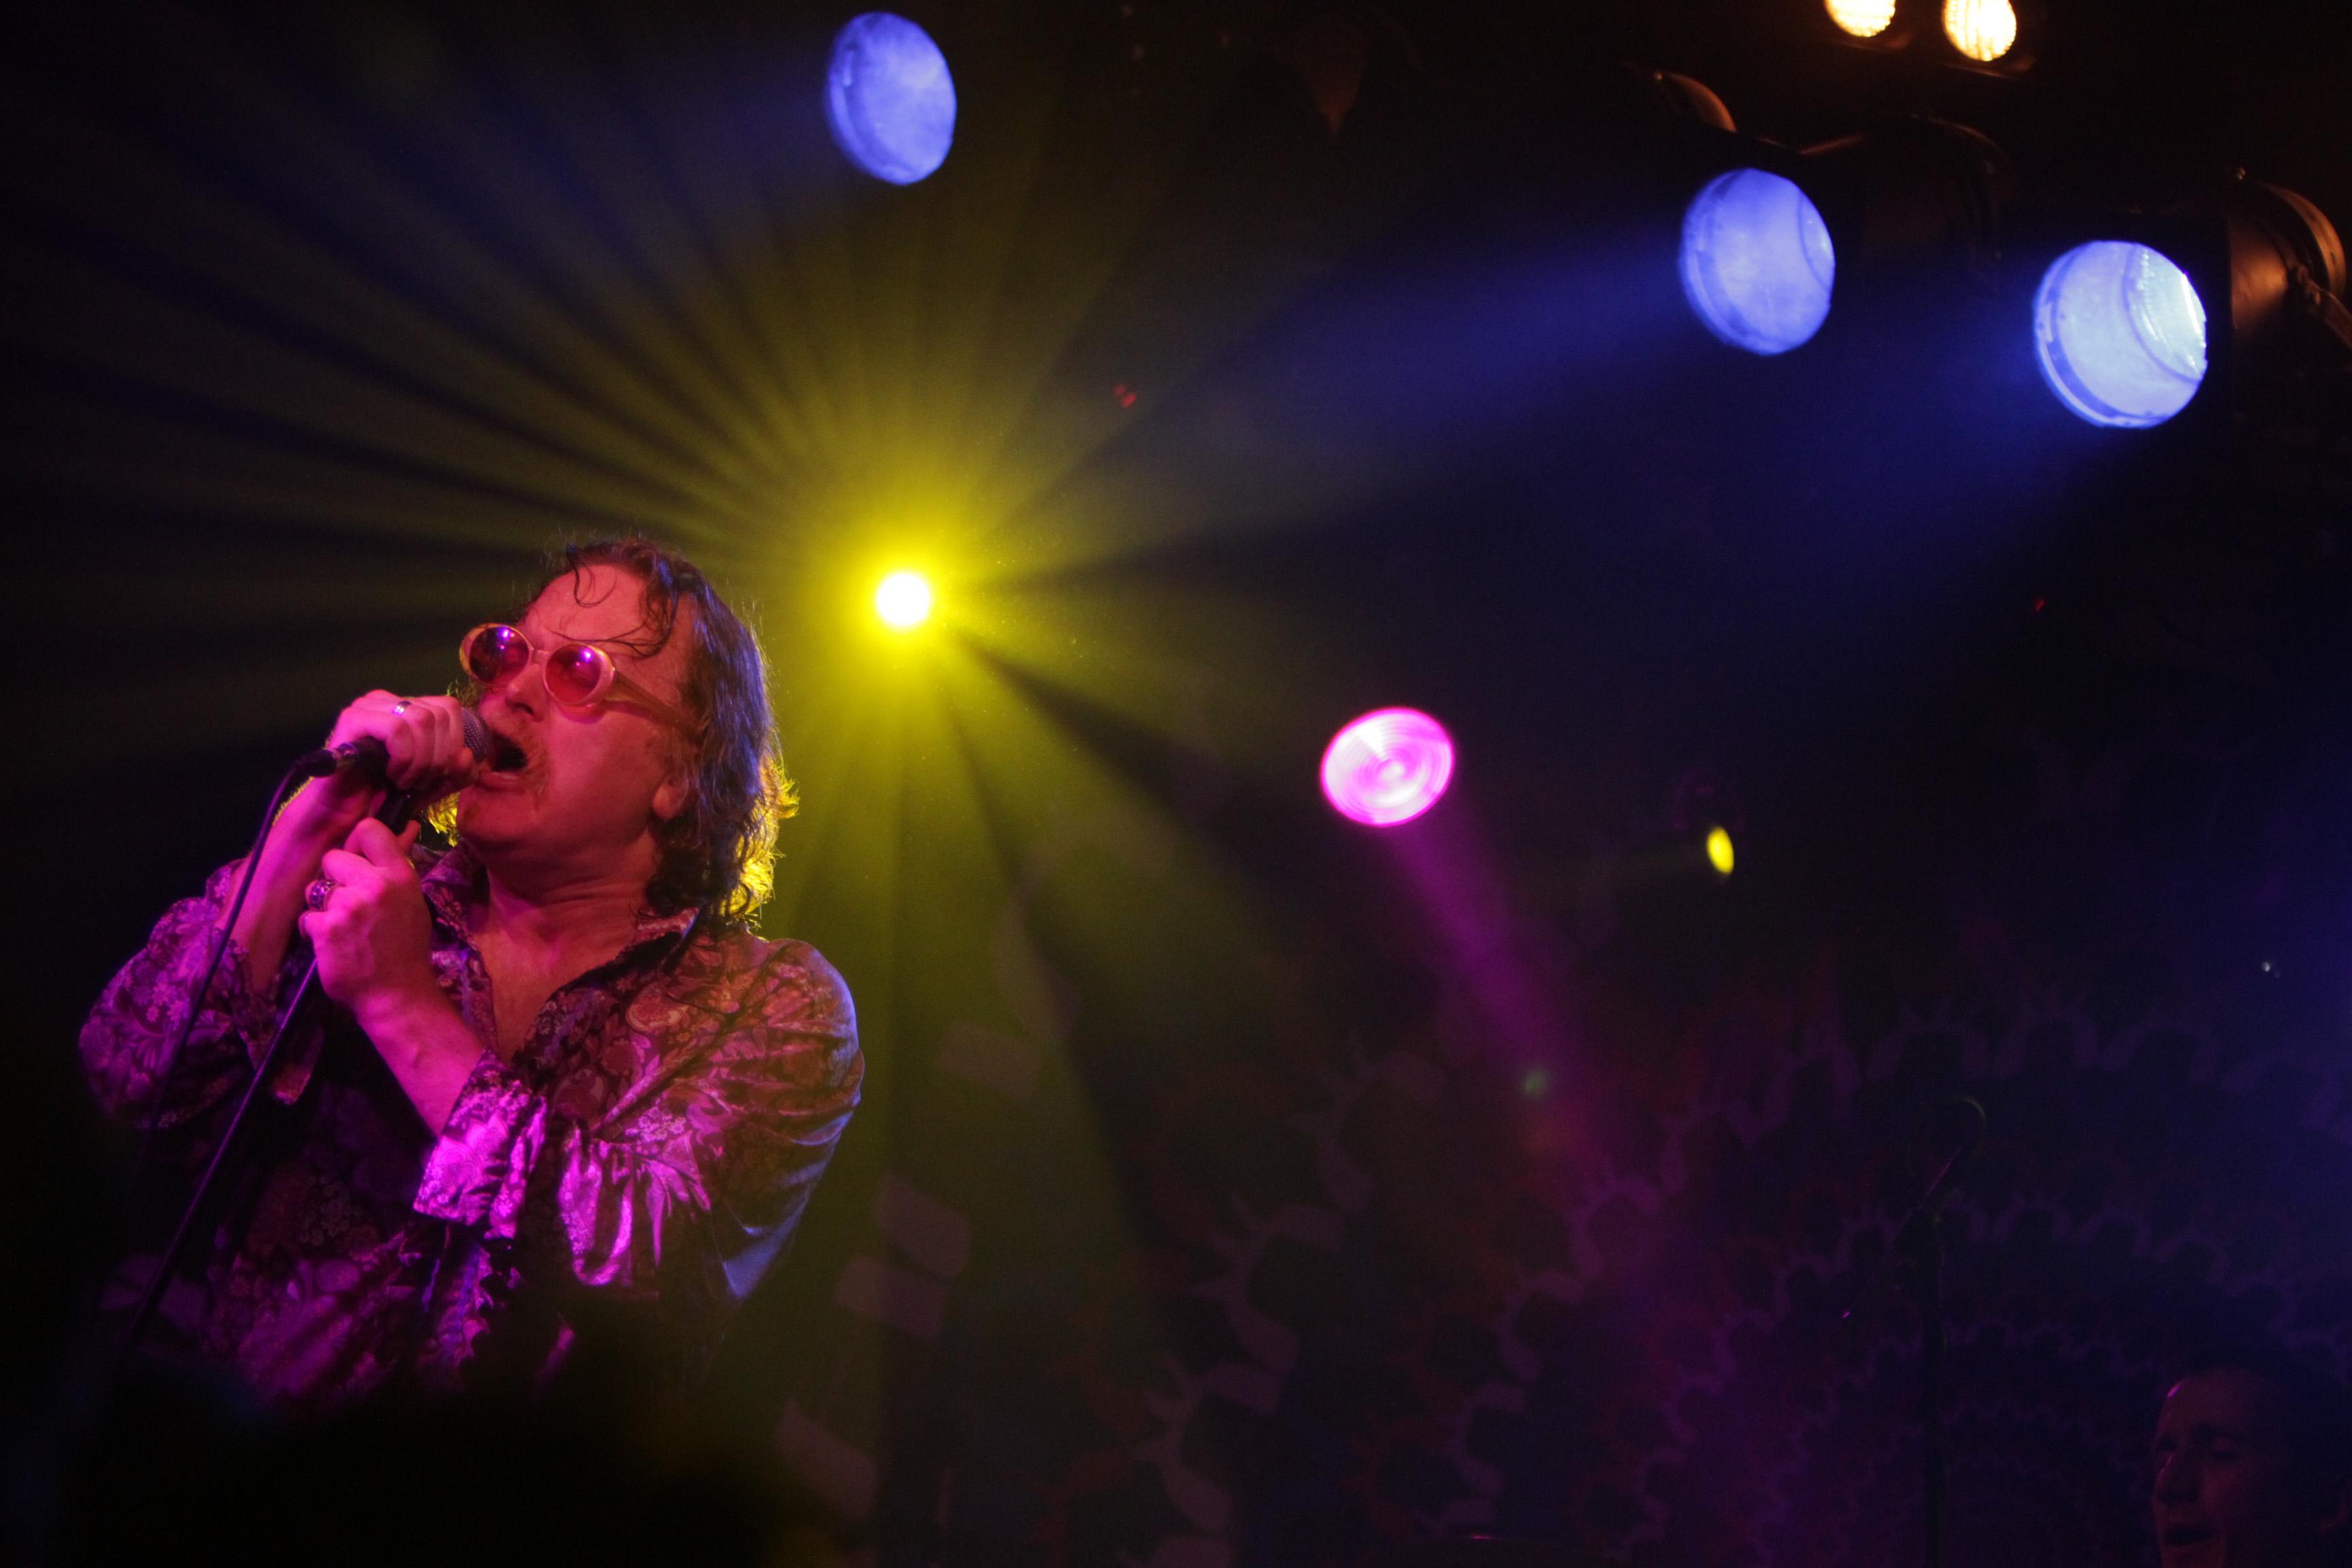 File Carl Puttnam Of Cud Performing Live On Stage Jpg